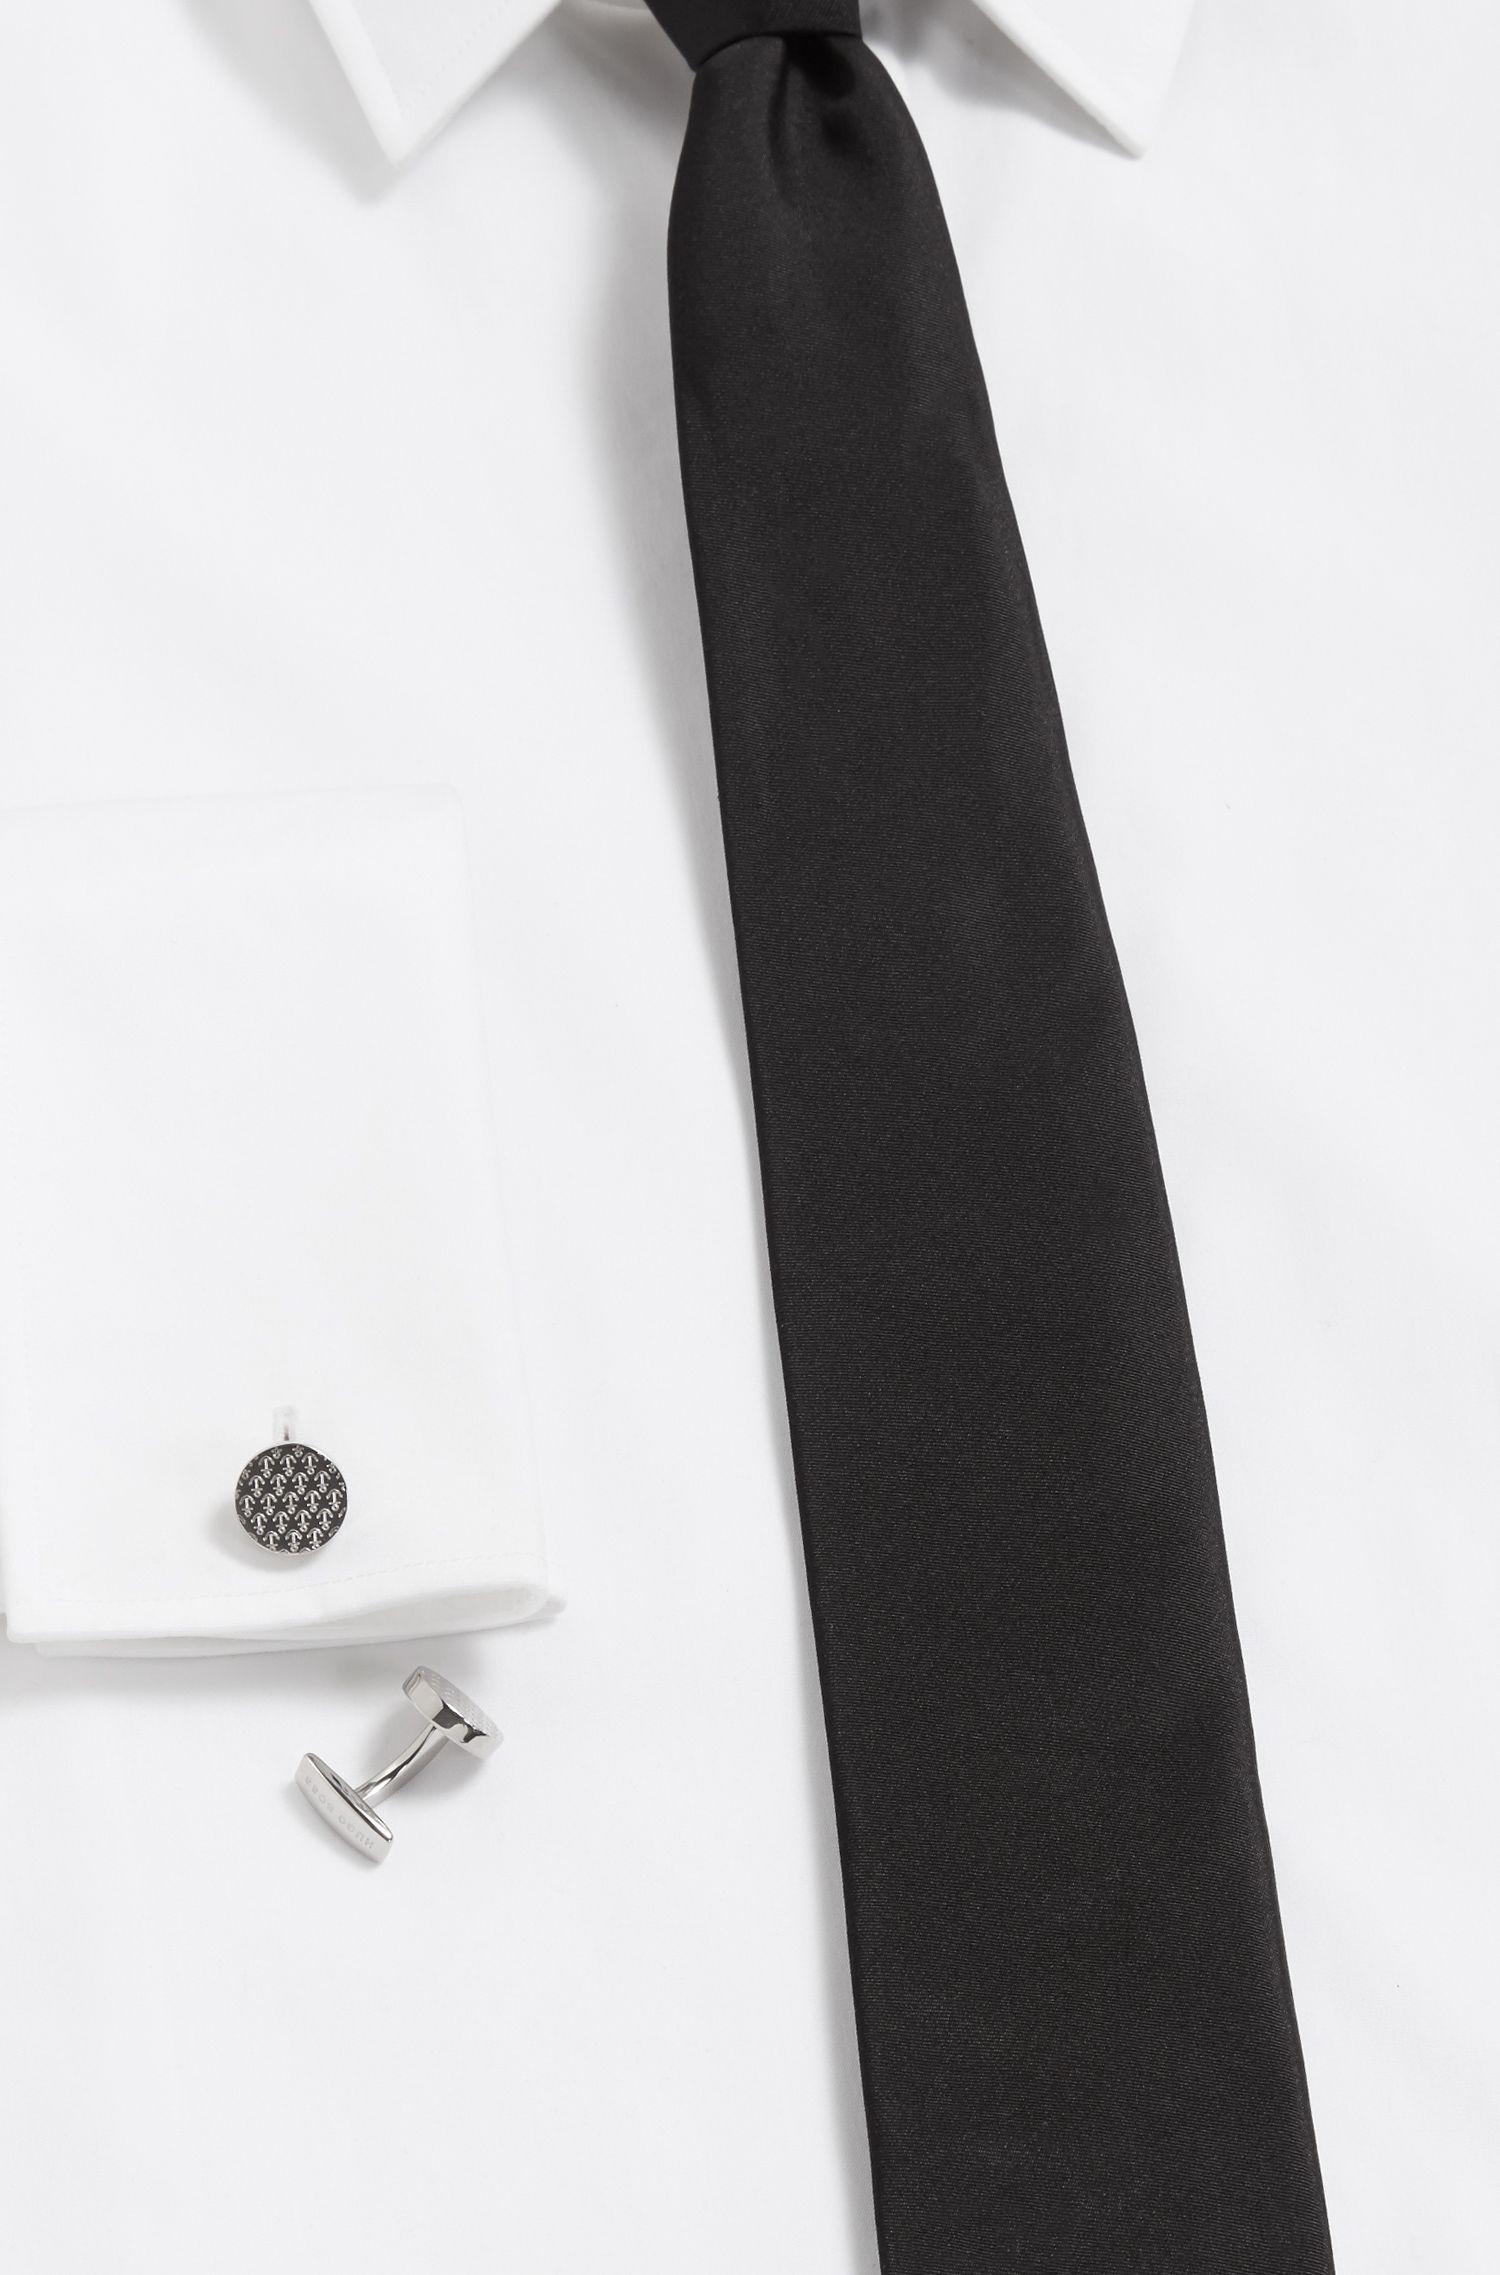 Runde Manschettenknöpfe aus Messing mit Anker-Design